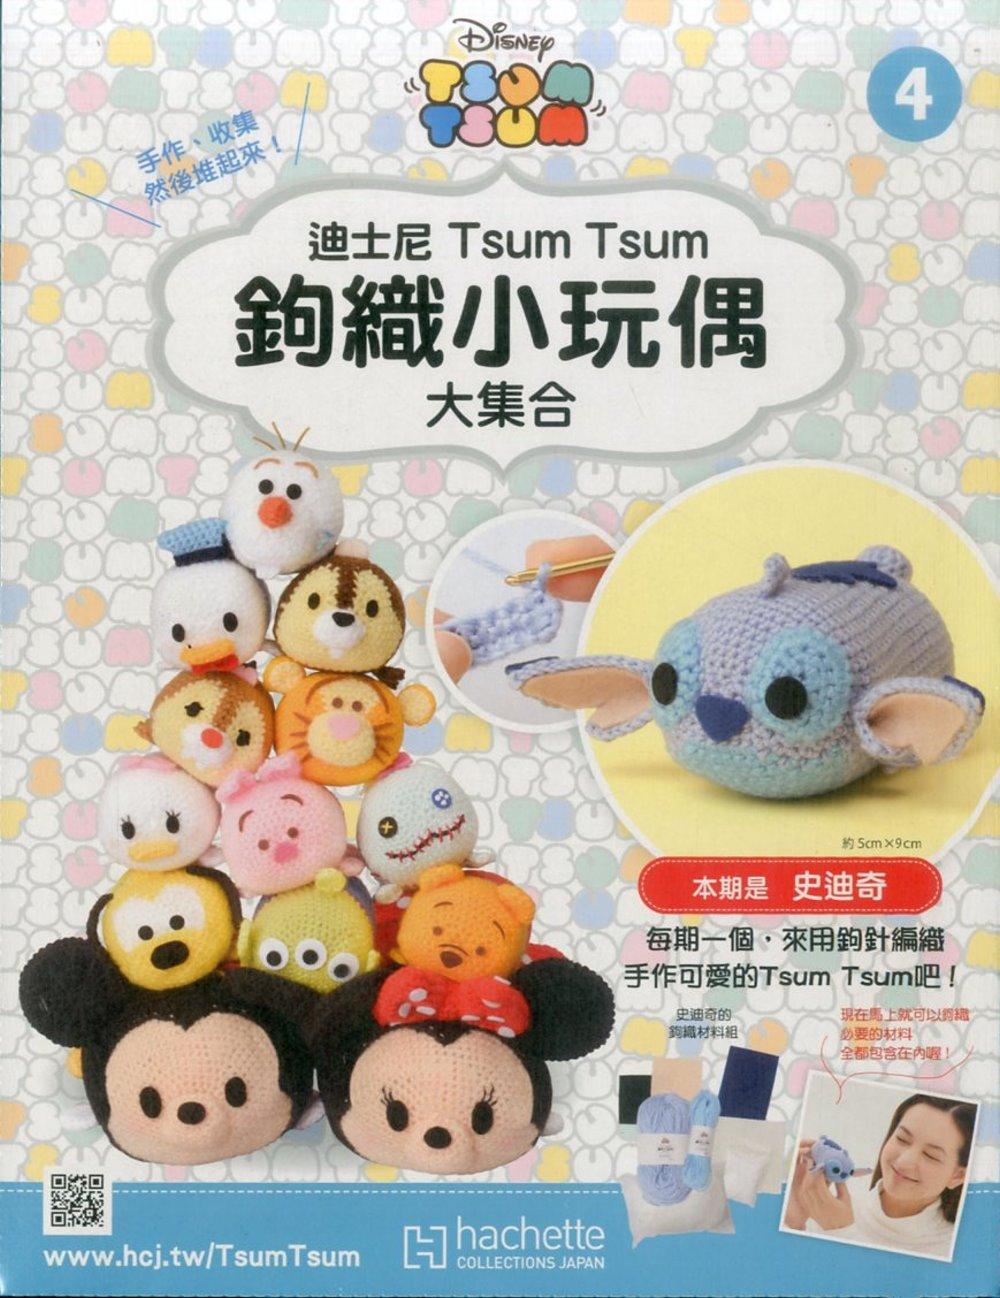 迪士尼TsumTsum 鉤織小玩偶 大集合 2017/10/25第4期